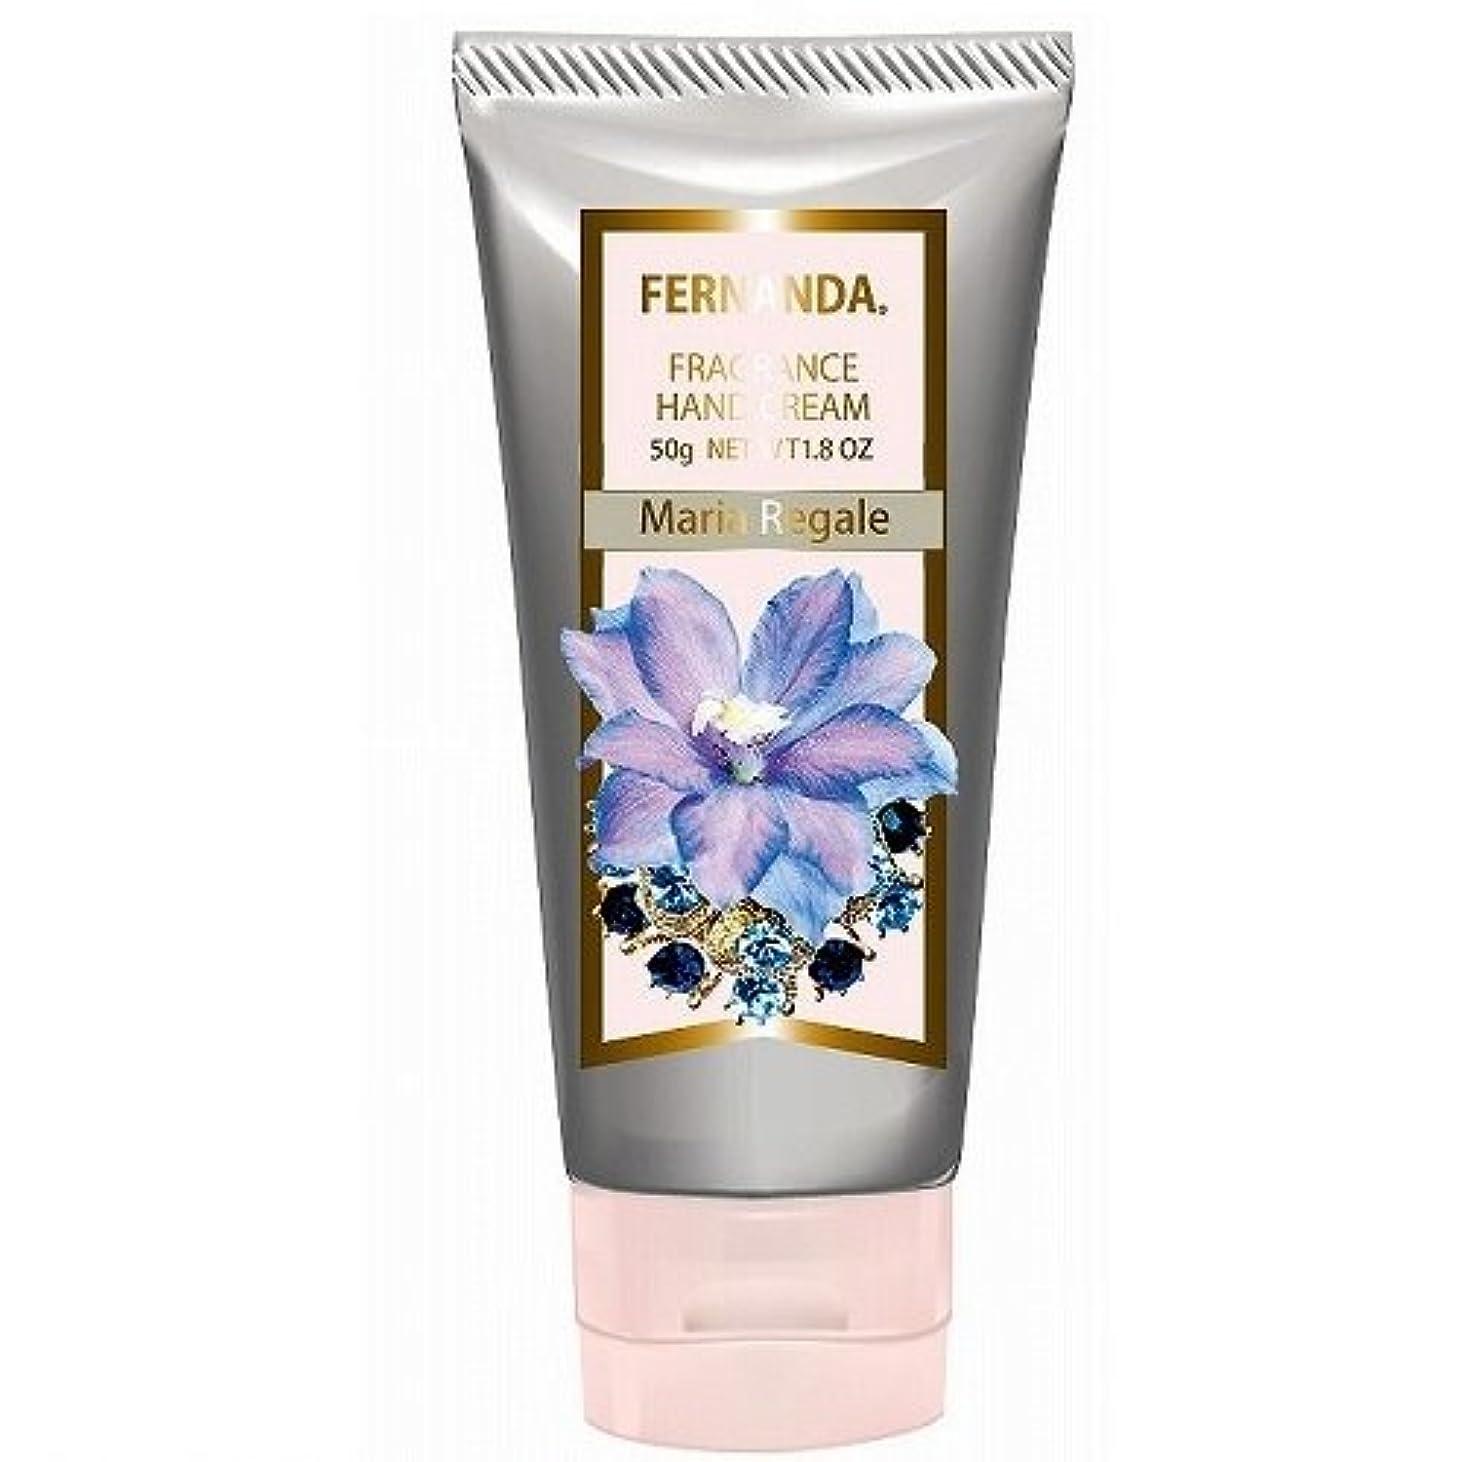 ハチ治世スキップFERNANDA(フェルナンダ) Hand Cream Maria Regale (ハンド クリーム マリアリゲル)